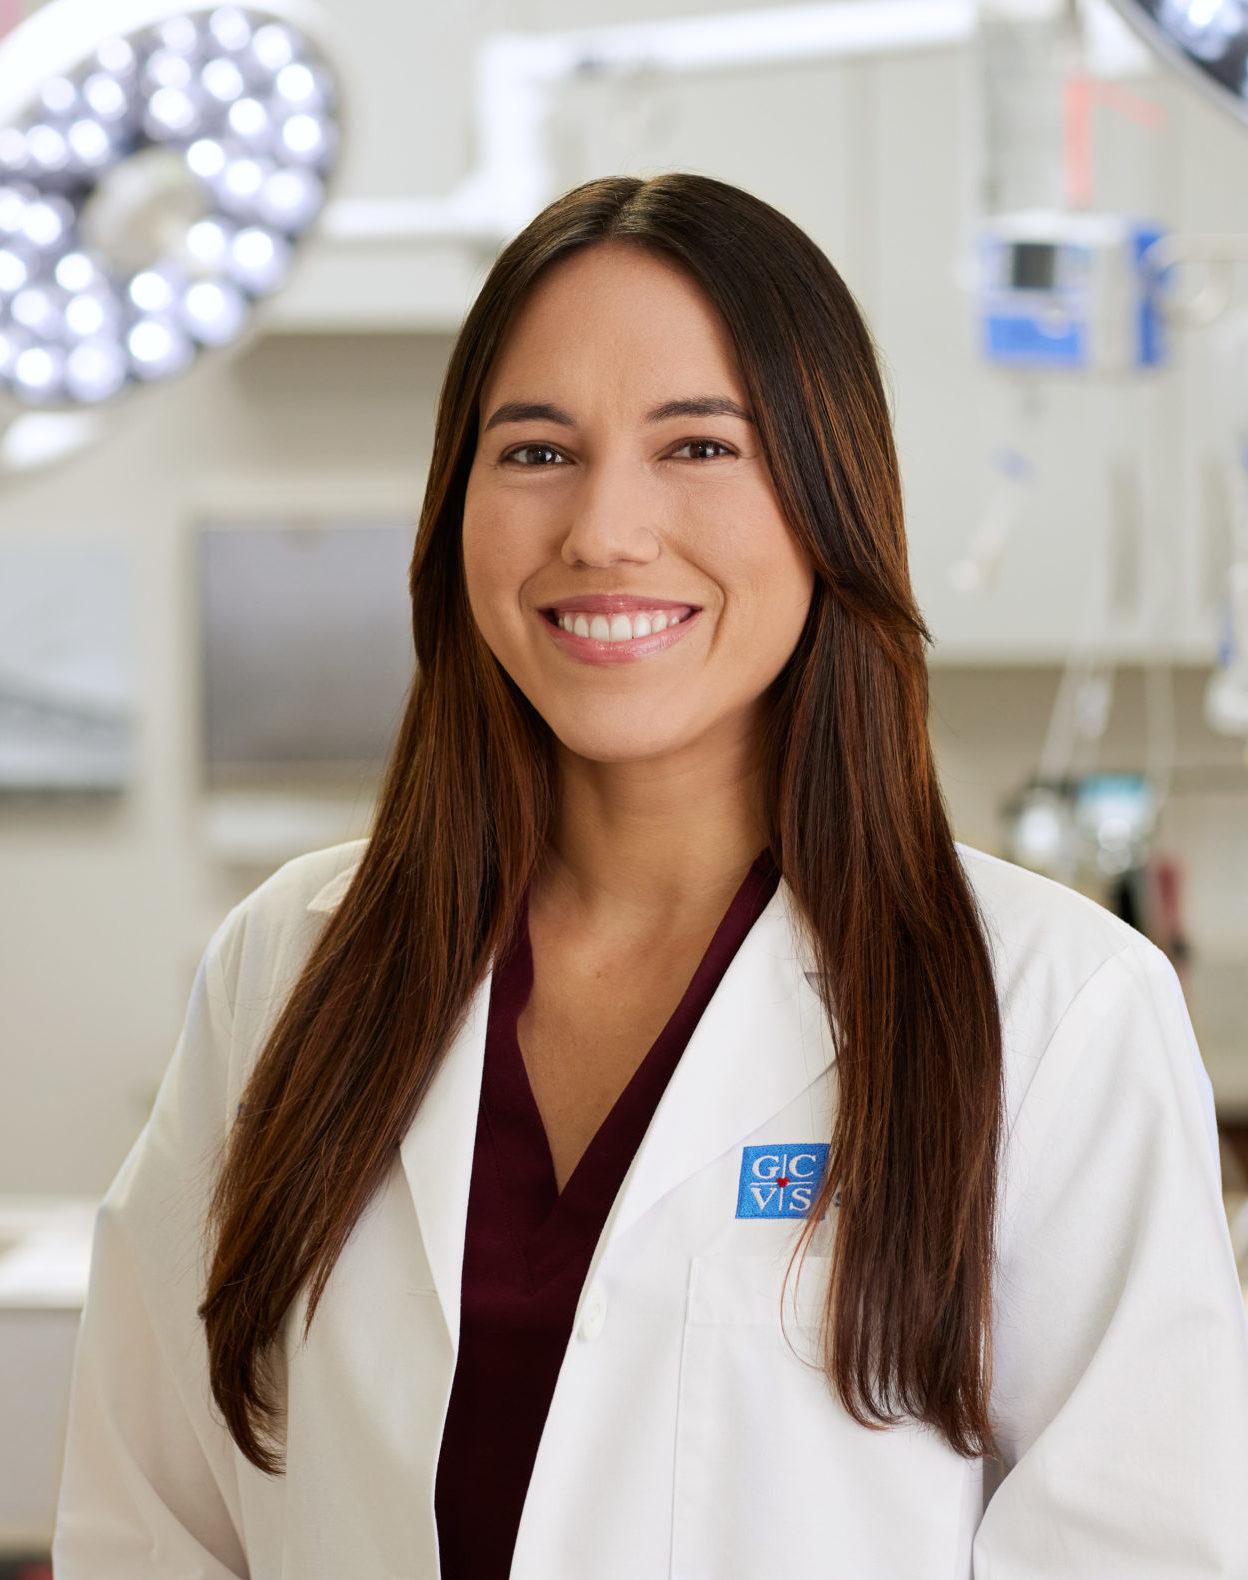 Natalia Hernandez Diaz, DVM